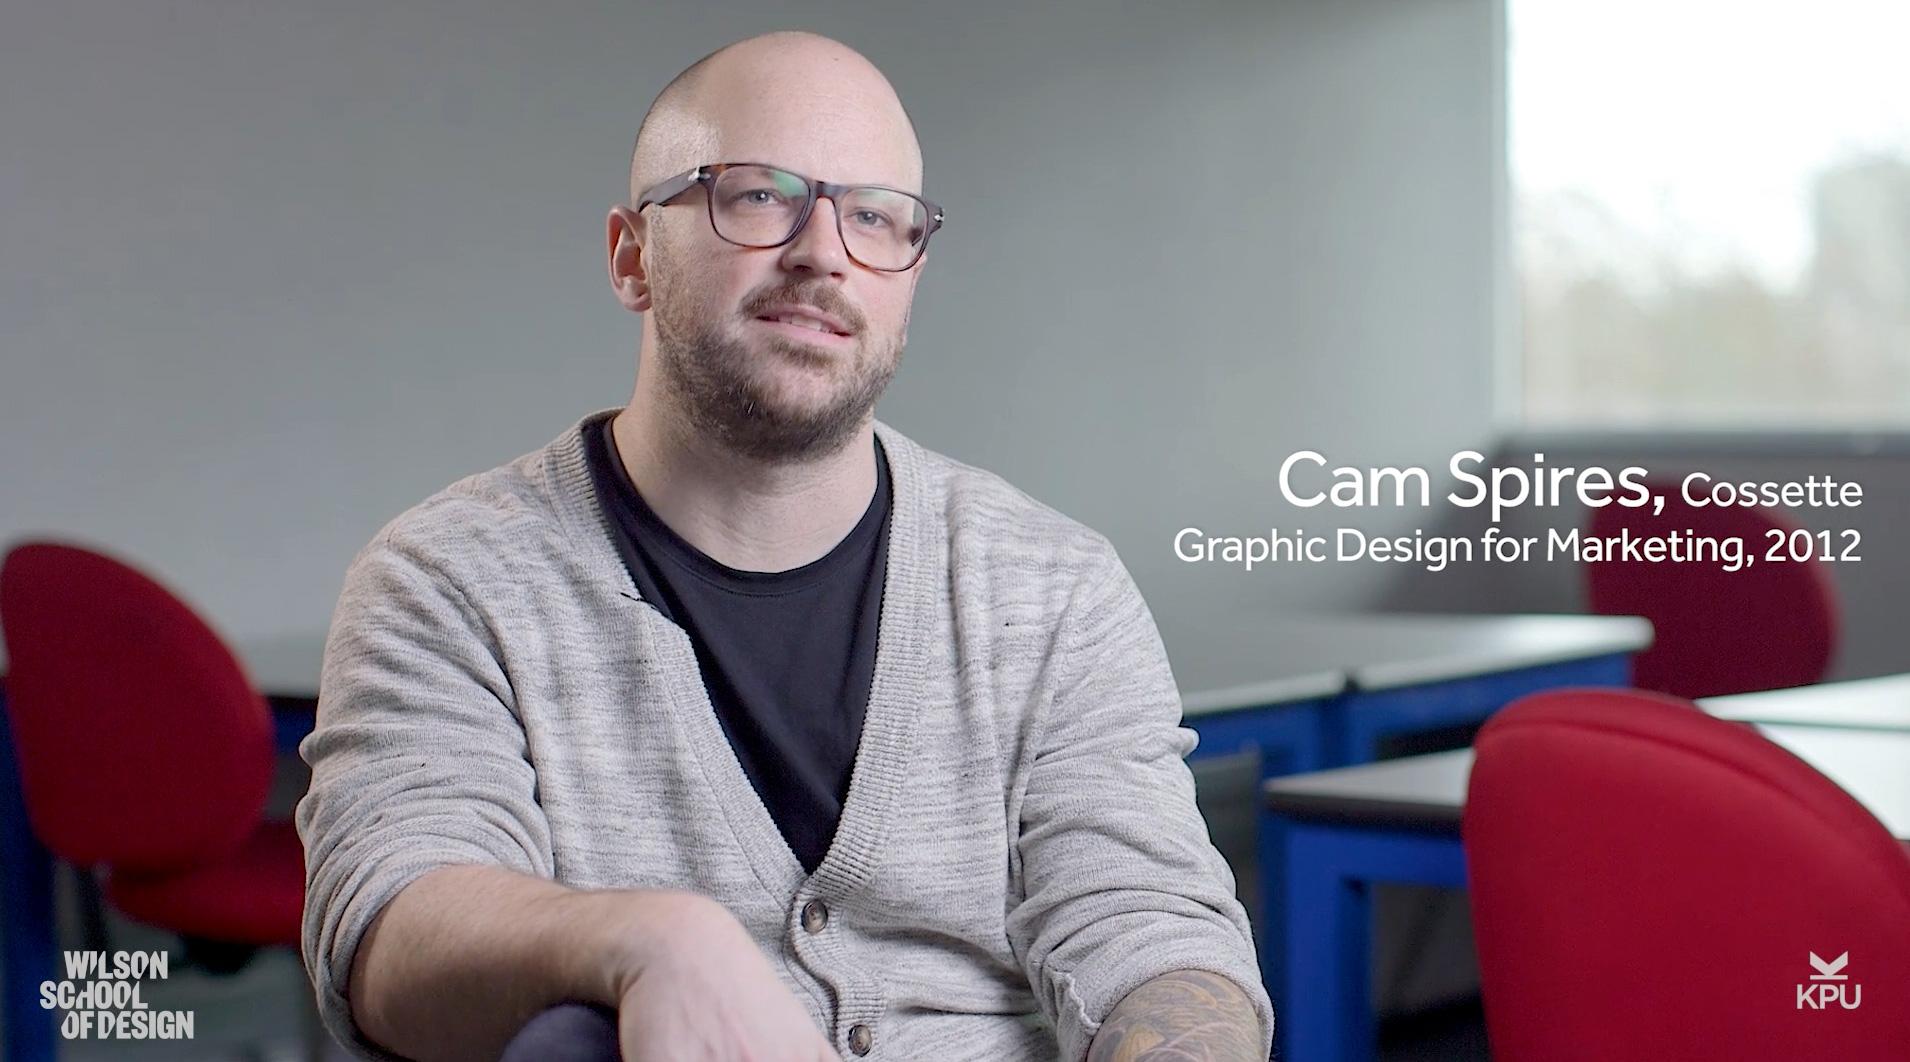 Cam Spires